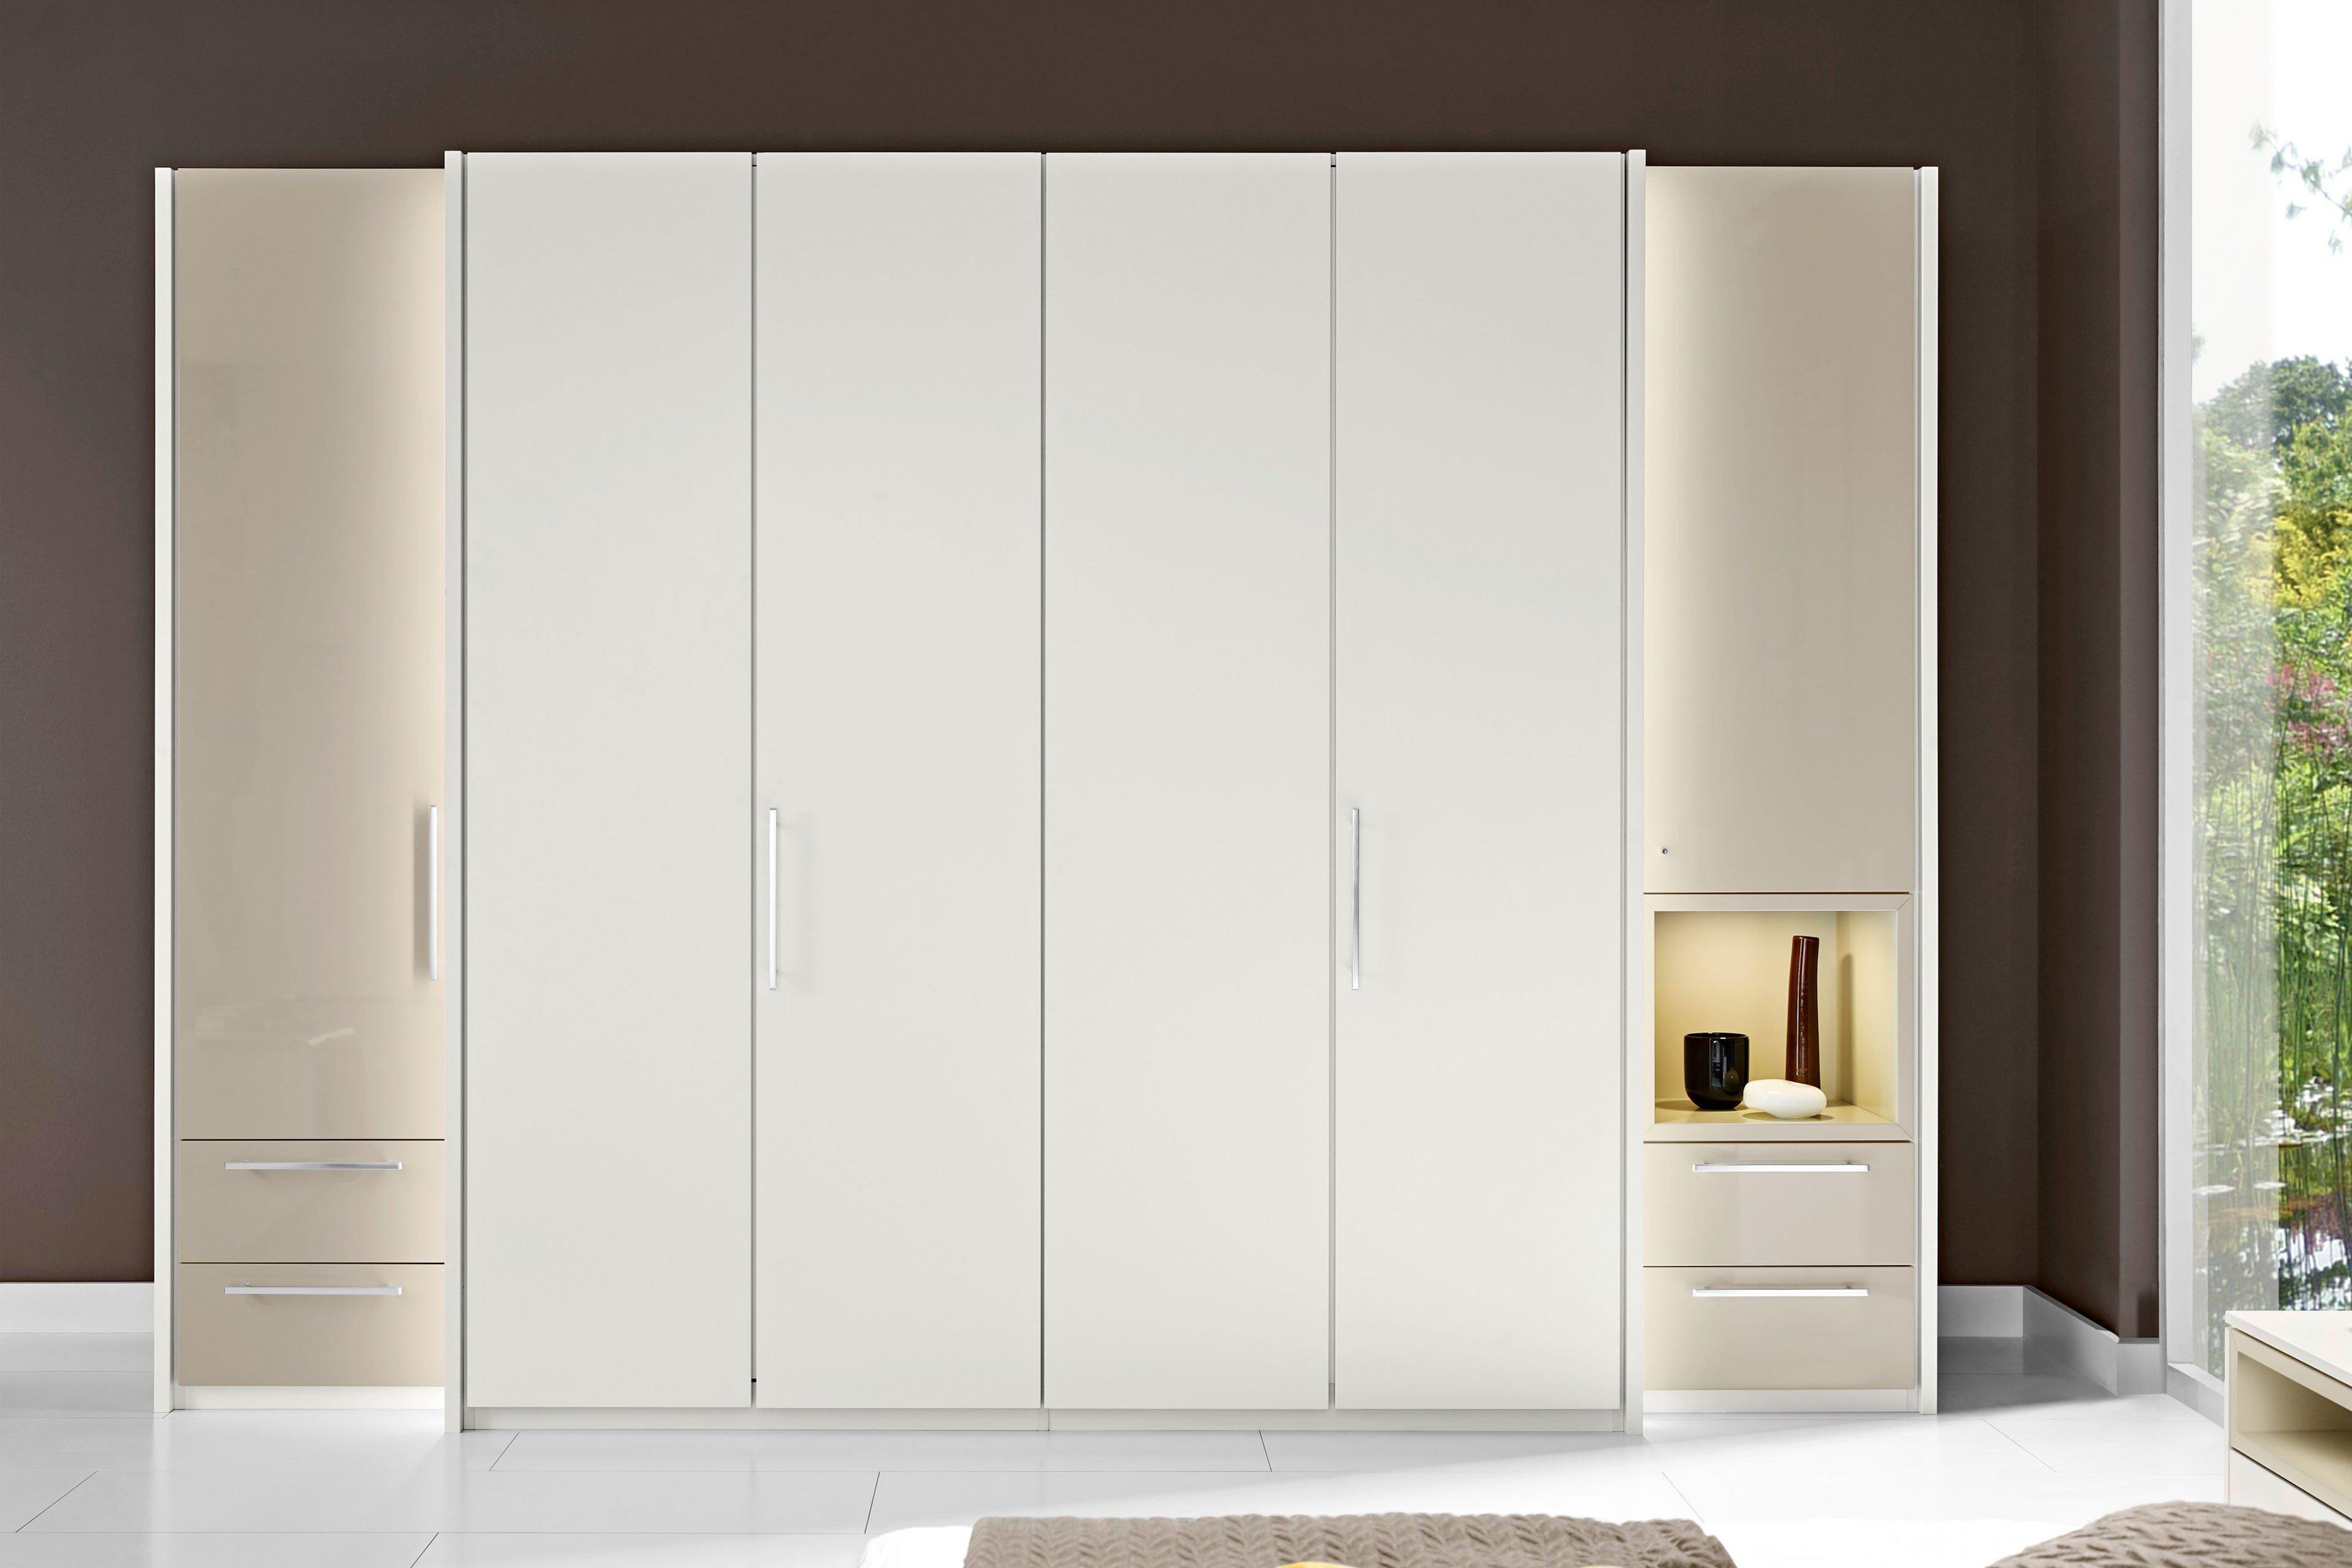 kleiderschrank wei. Black Bedroom Furniture Sets. Home Design Ideas